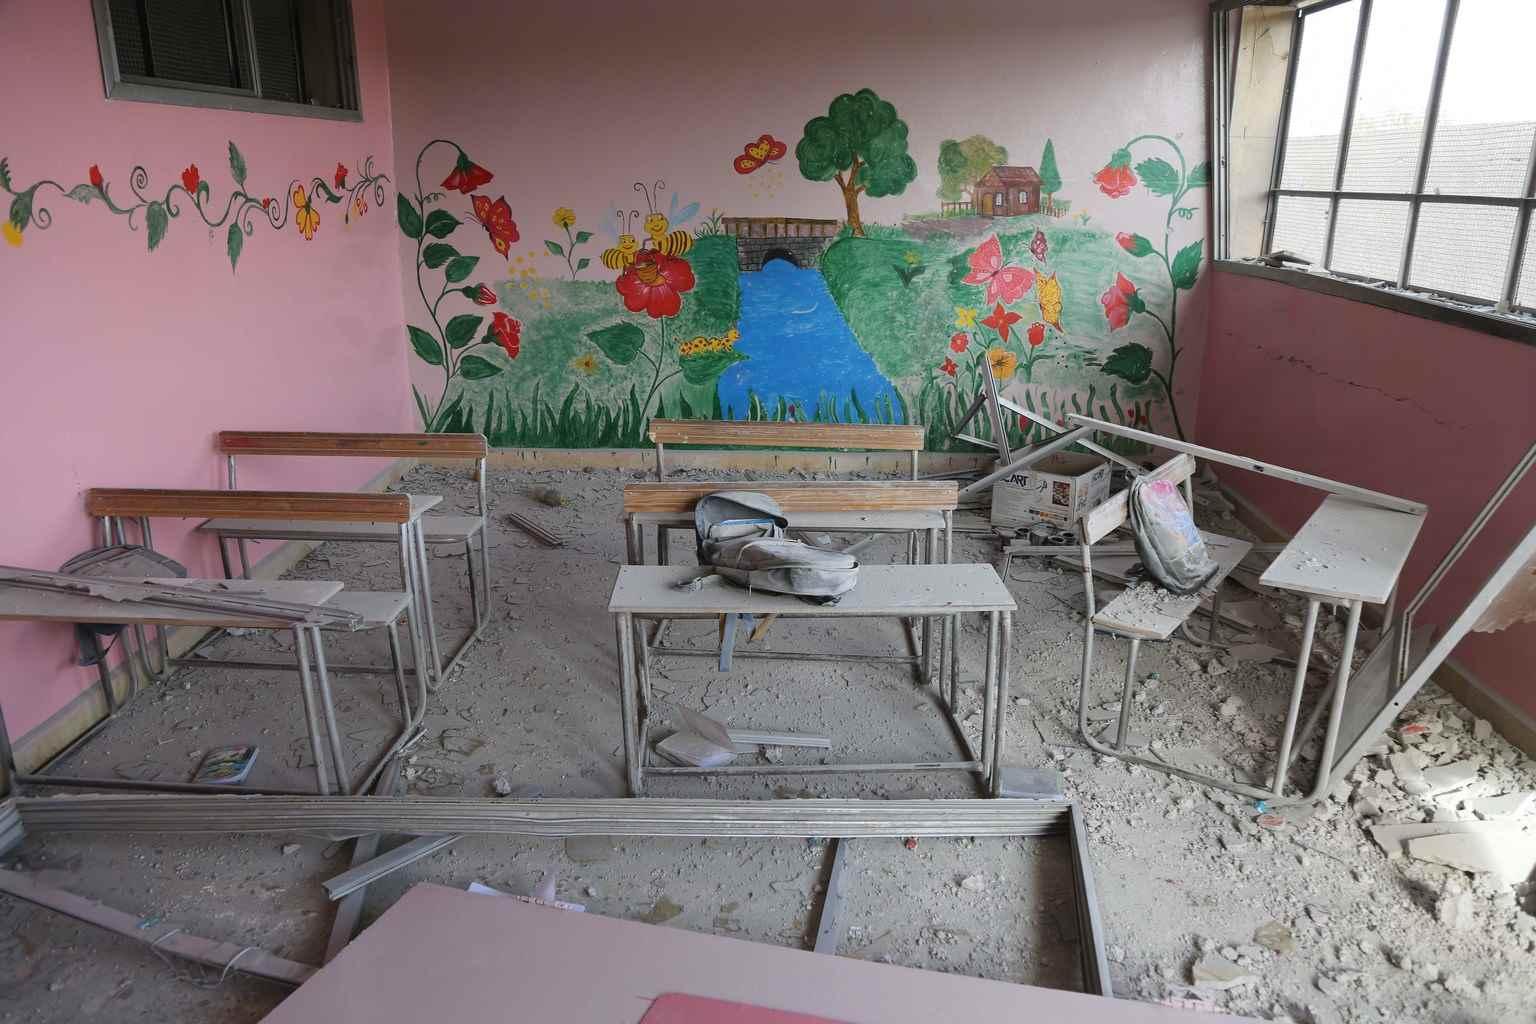 لقد دمر القصف أماكن اعتقد الأطفال أنها آمنة، أماكن يجب أن تكون آمنة، مثل: المدارس والمستشفيات والملاعب والحدائق العامة ومنازل الأطفال الخاصة- تشرين الثاني 2016 (يونيسيف)